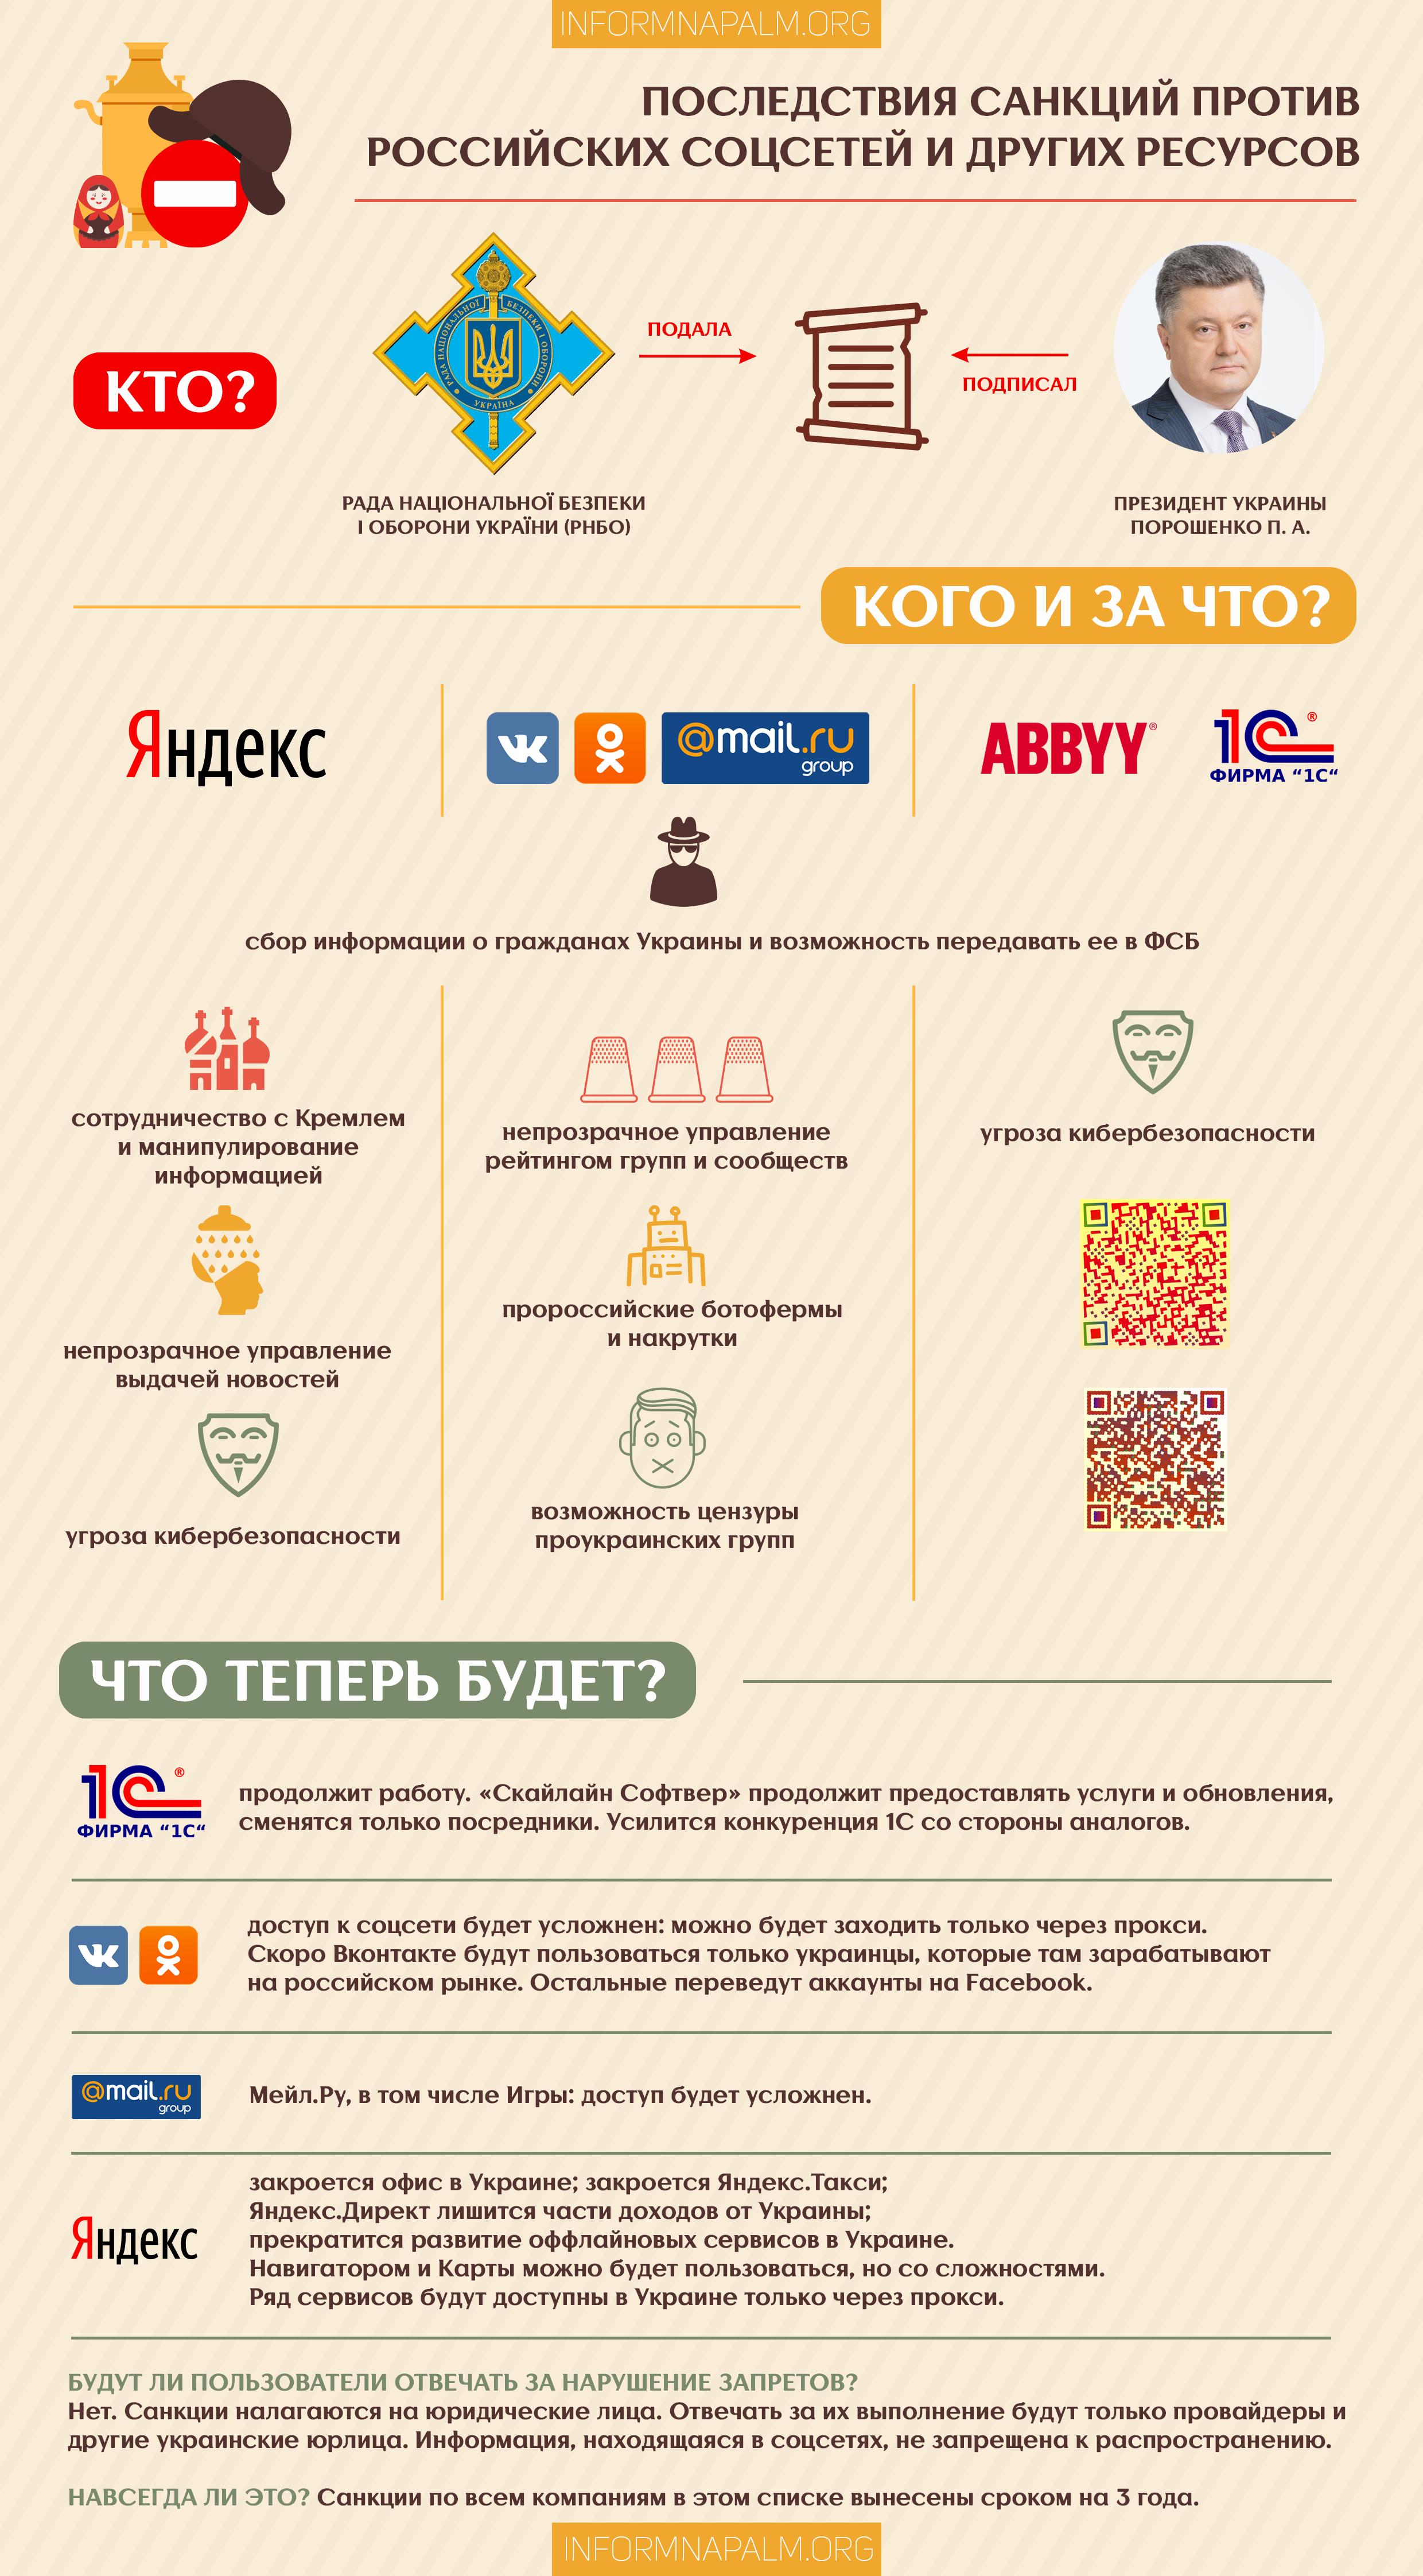 Волонтеры победили Яндекс, ВКонтакте и Одноклассники. Готовились к затяжной войне, а вышел блицкриг (Инфографика)